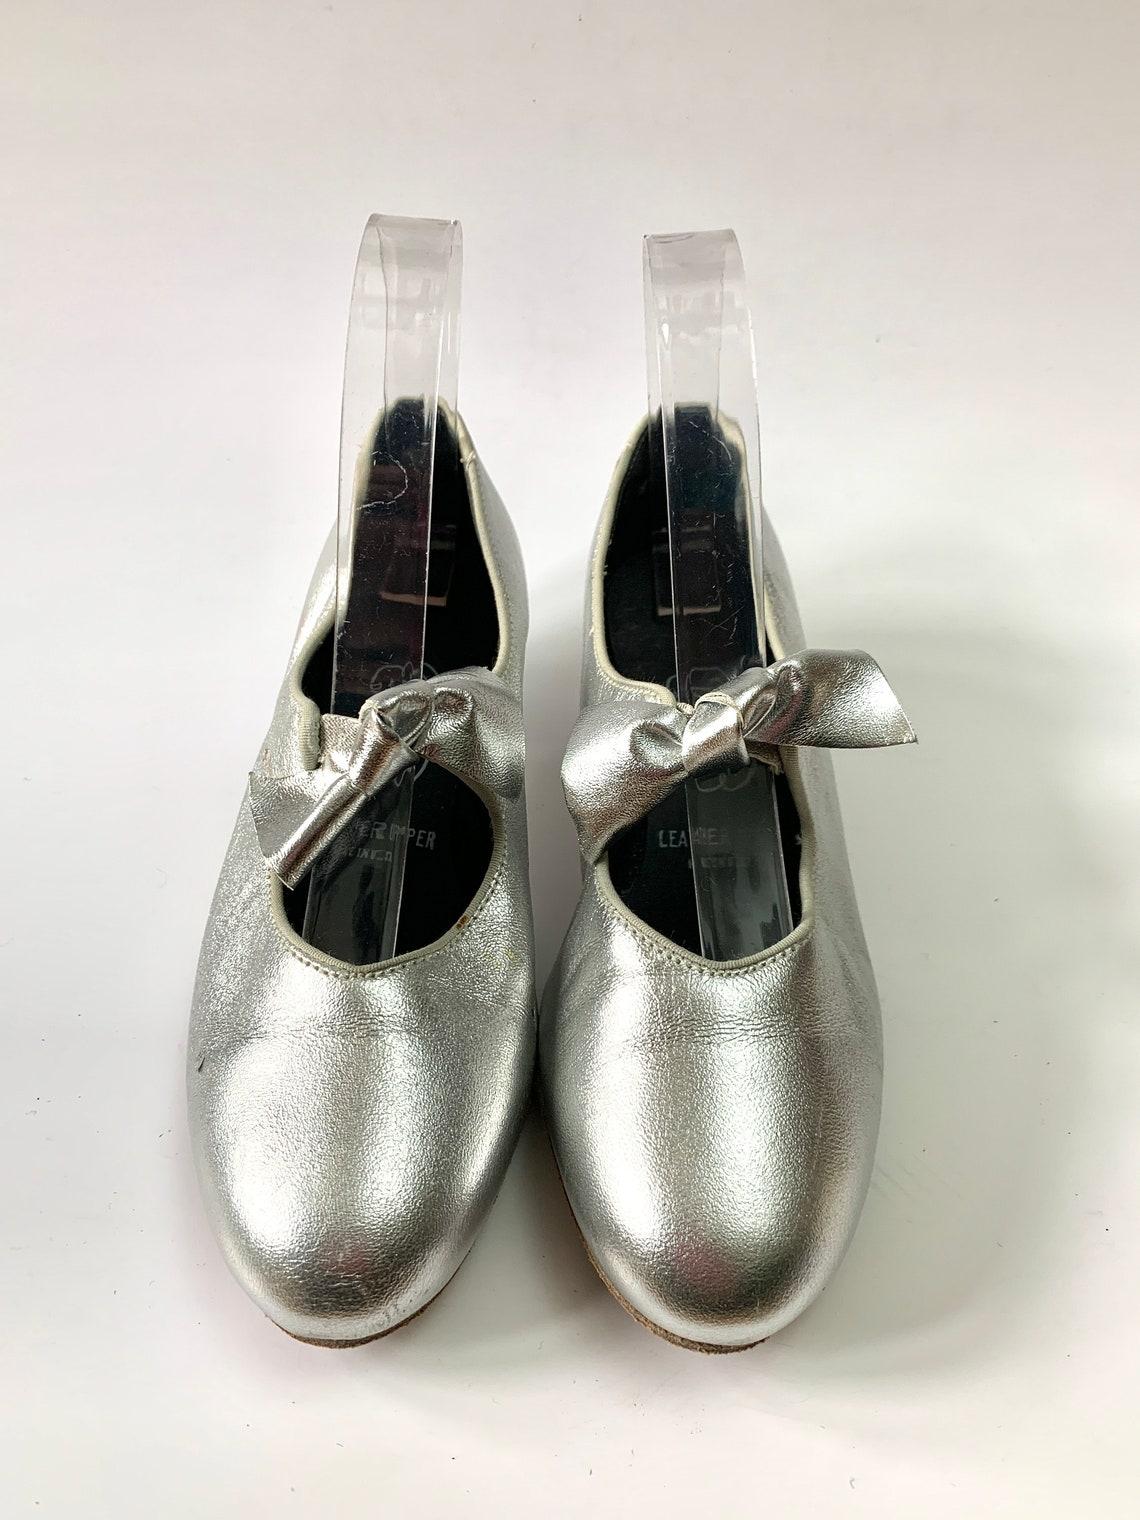 Vintage anni '60 Mary Janes // Scarpe da ballo in pelle Silver Lamé di Barbettes Dancewear Size 7 - Scarpe alla moda e3qTYSXn wevLgz yZILzo